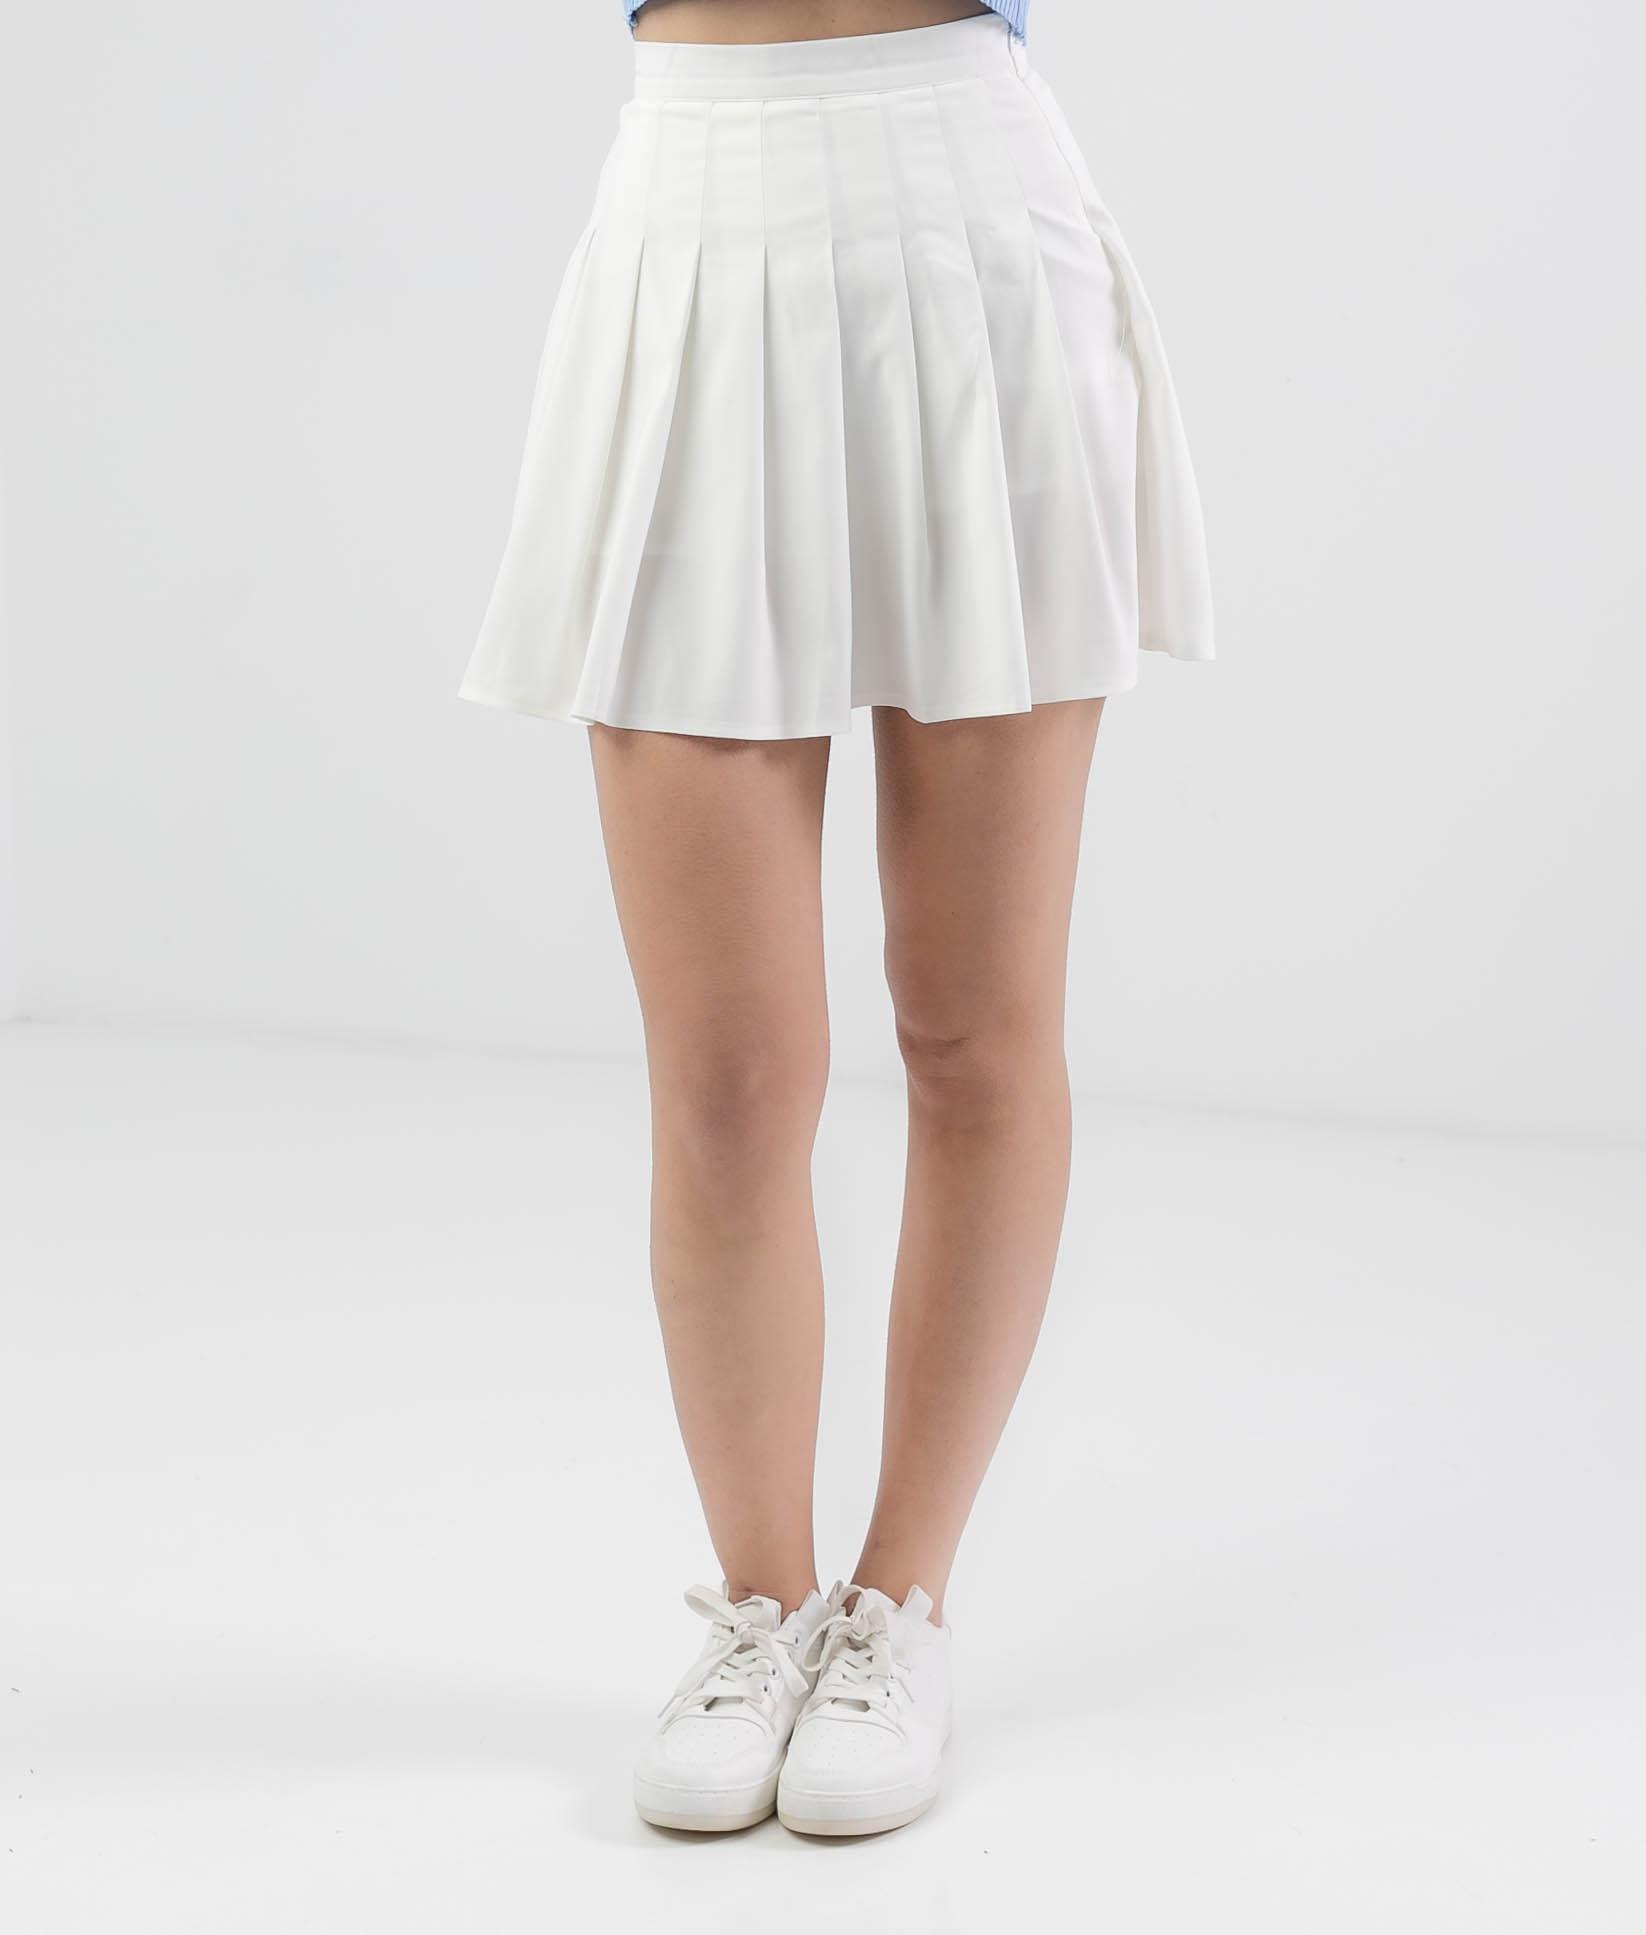 SKIRT PANTS LABON - WHITE